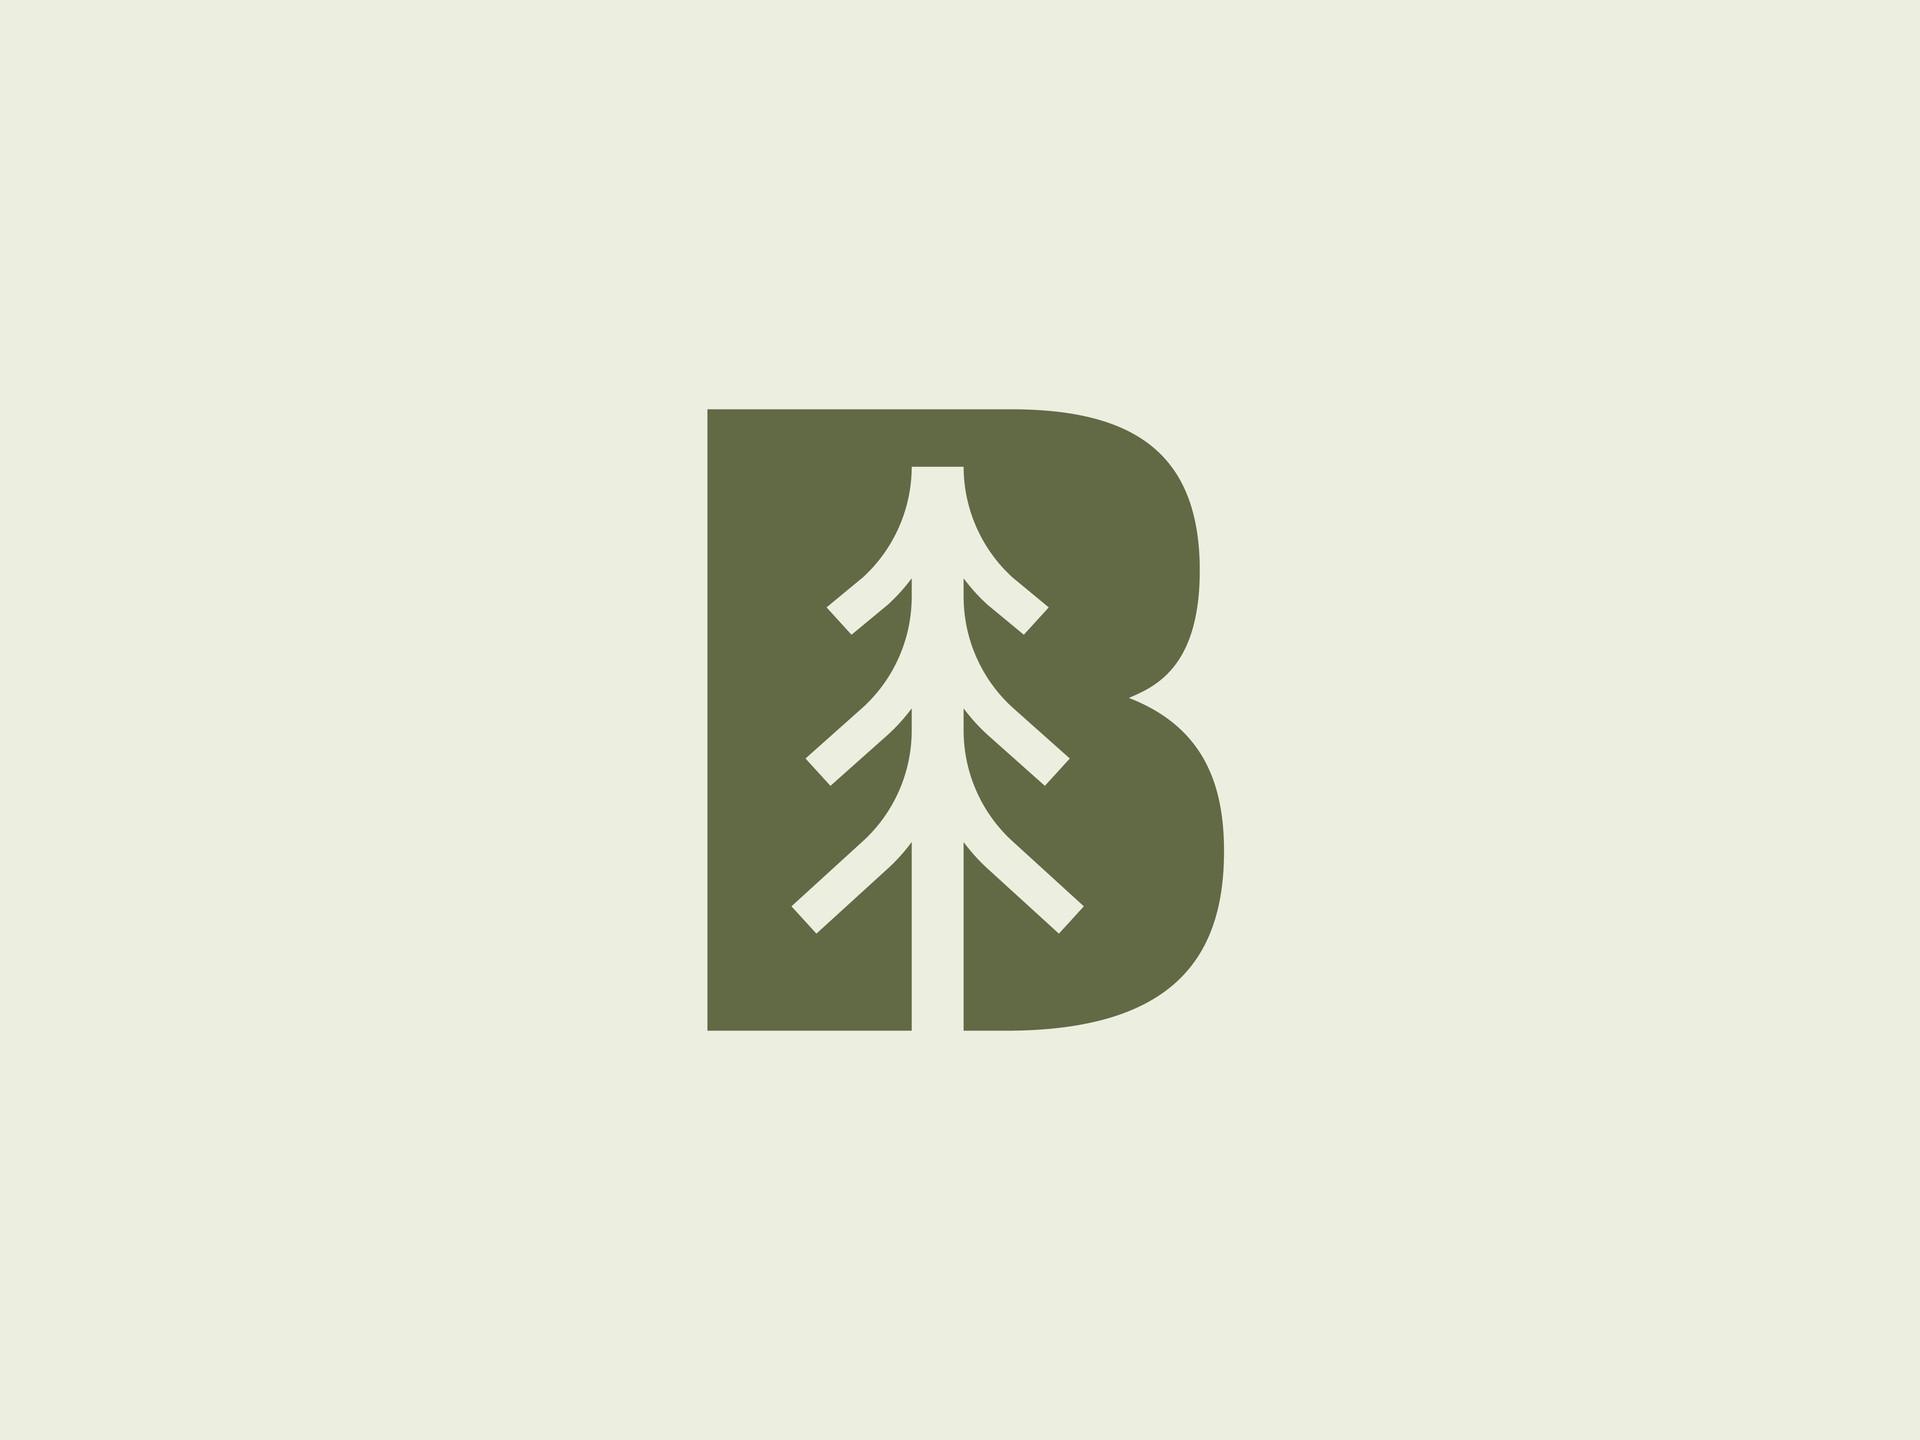 BRANDING-BEAUME-BOIS.jpg